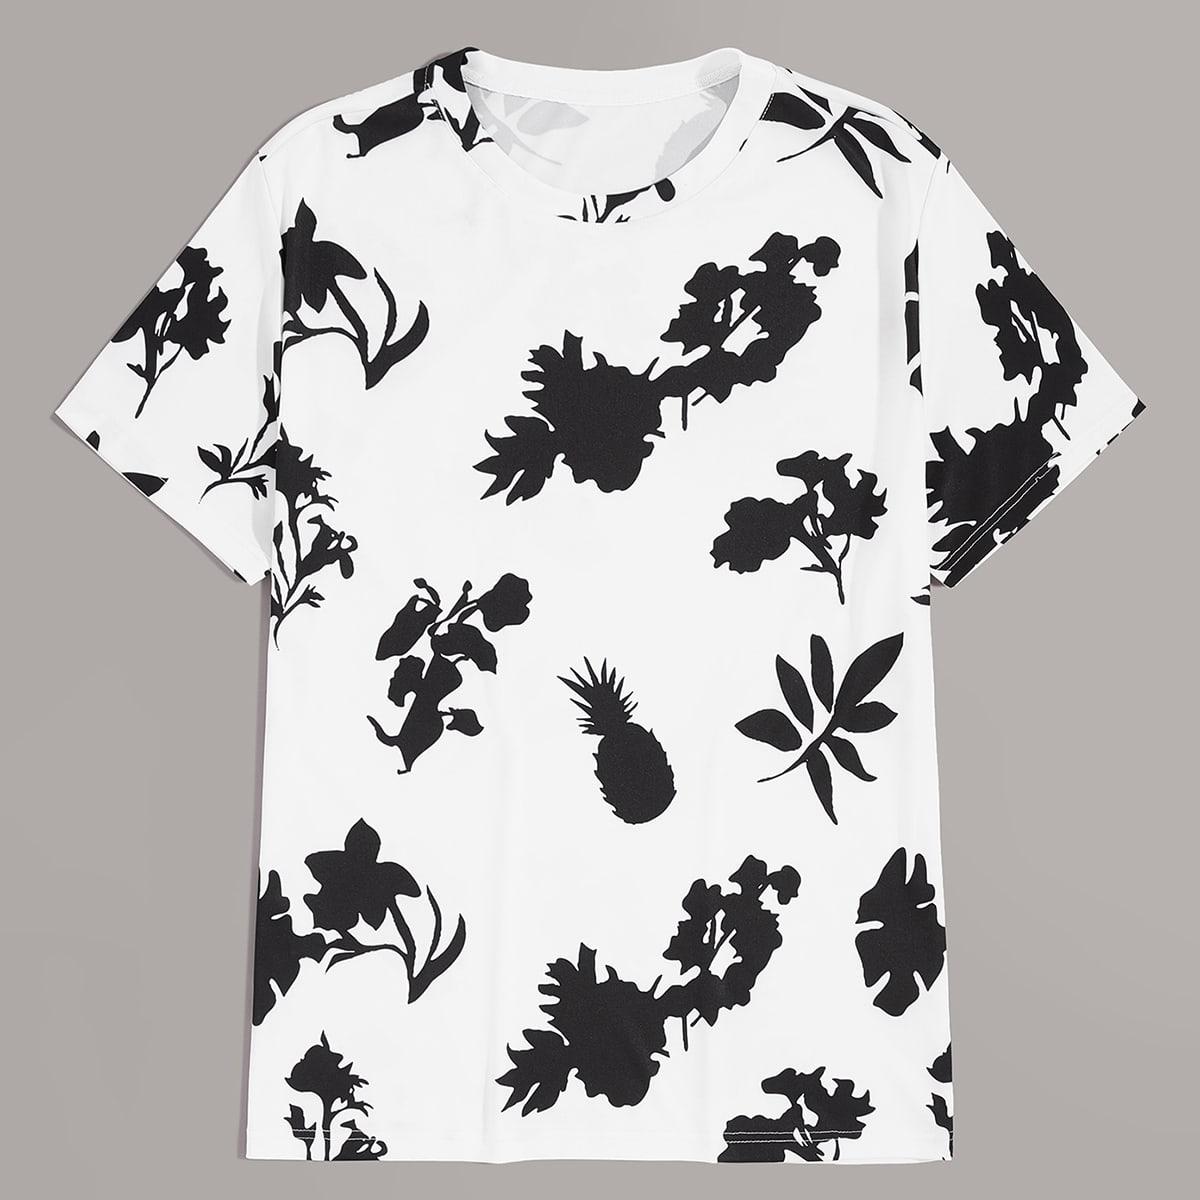 Мужская футболка с принтом растения и ананаса фото